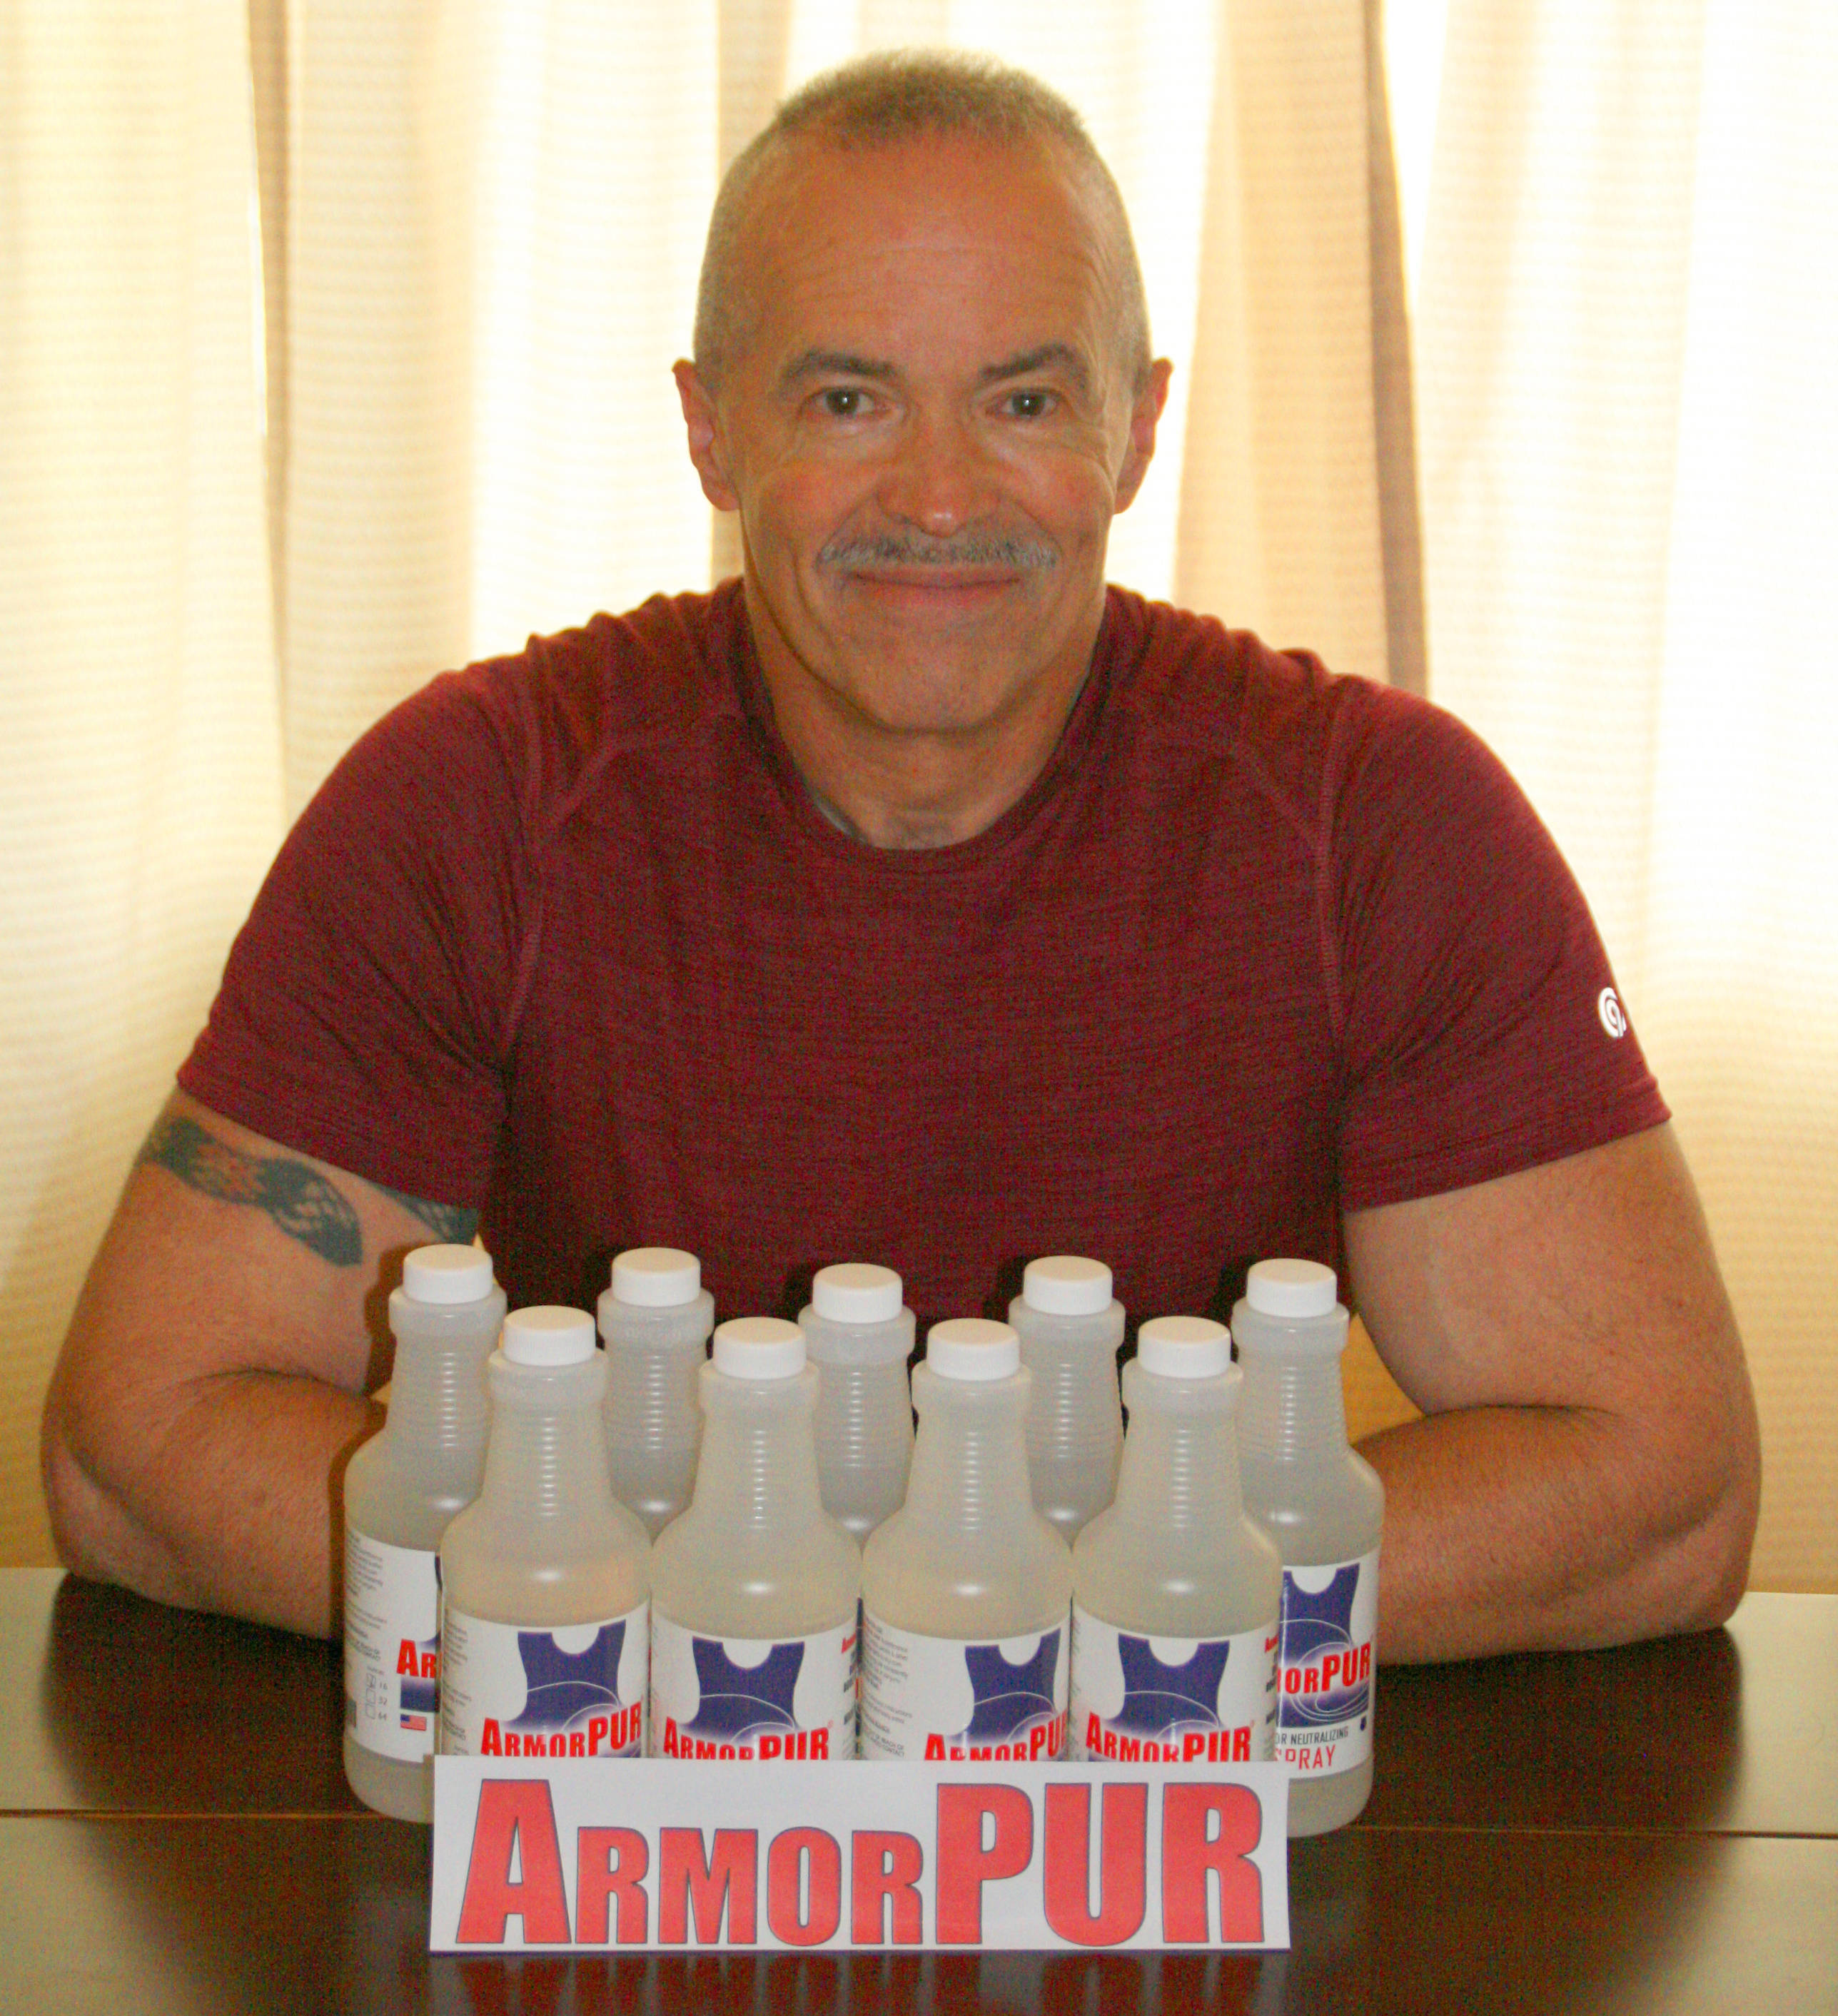 Montville Entrepreneurs Make Law Enforcement Officers' Armor Smell Sweeter